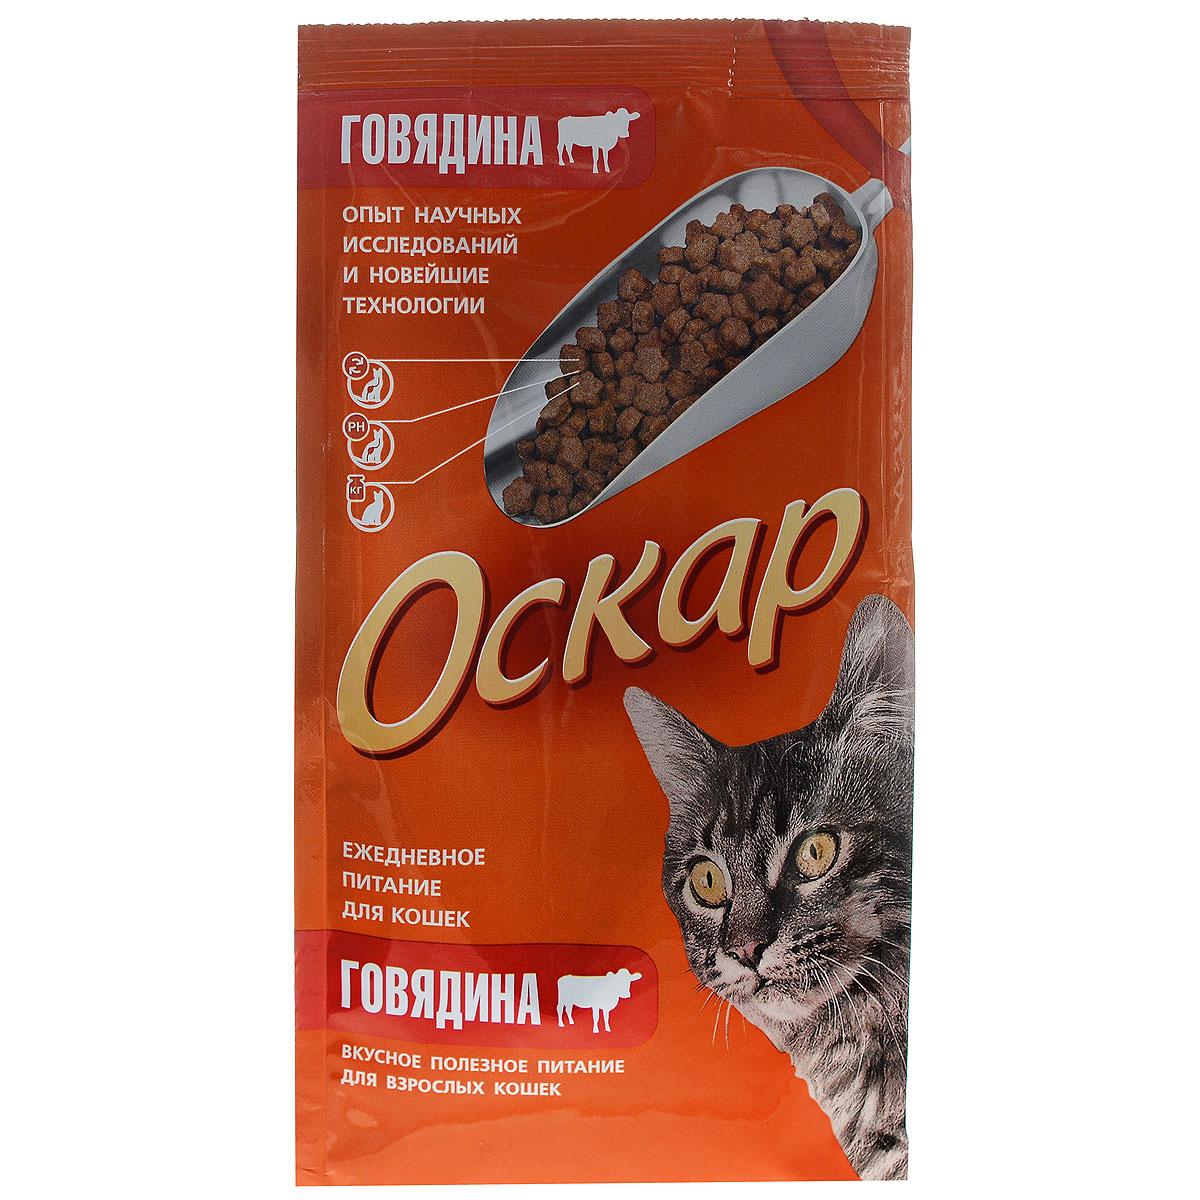 Корм сухой Оскар для кошек, с мясом говядины, 400 г0120710Сухой корм для кошек Оскар - полноценное питание, которое содержит полный комплекс веществ для здоровья вашего питомца. Особенности рациона: Необходимое сочетание ингредиентов для достижения правильной усвояемости питательных веществ организмом. Источник линолевой кислоты и правильного уровня витаминов группы В благотворно влияют на кожу и шерсть. Таурин - для здоровья глаз и сердца. Состав: злаки (в т.ч. рис), экстракт белка растительного происхождения, мясо и продукты животного происхождения (в т.ч. говядина - печень), подсолнечное масло, минеральные добавки, гидролизованная печень, пульпа сахарной свеклы (жом), овощи, витамины, пивные дрожжи, таурин, антиоксидант. Анализ: сырой протеин 30%, сырой жир 10%, сырая зола 6,5%, сырая клетчатка 2,5%, влажность 10%, фосфор 0,9%, кальций 1,05%, витамин А 5000 МЕ/кг, витамин Д 500 МЕ/кг, витамин Е 30 мг/кг. Энергетическая ценность: 335 ккал/100 г. Товар сертифицирован.